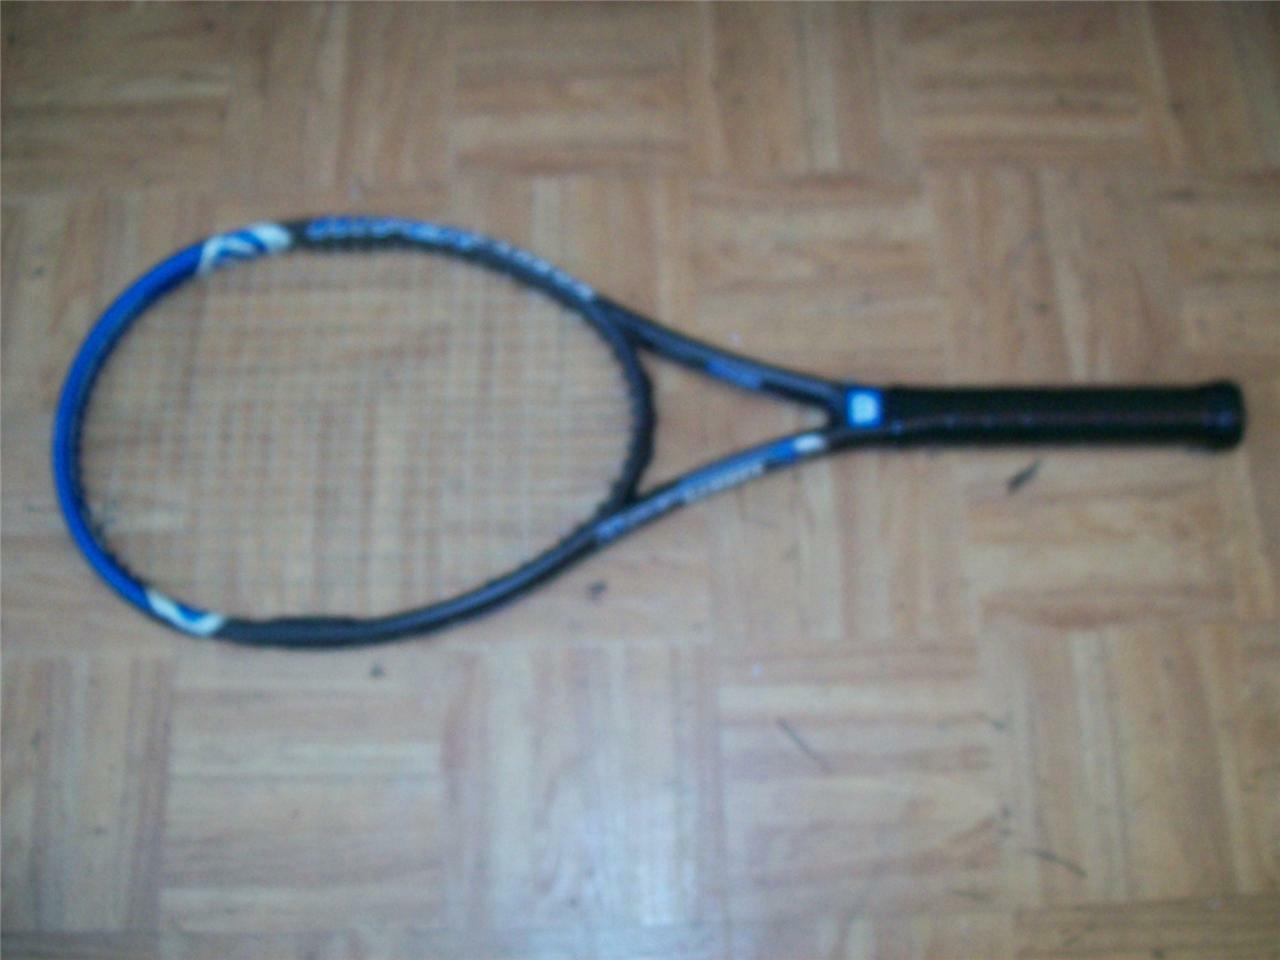 Wilson Hyper Hammer 4.3 midplus 100 4 3 8 grip raquette de tennis